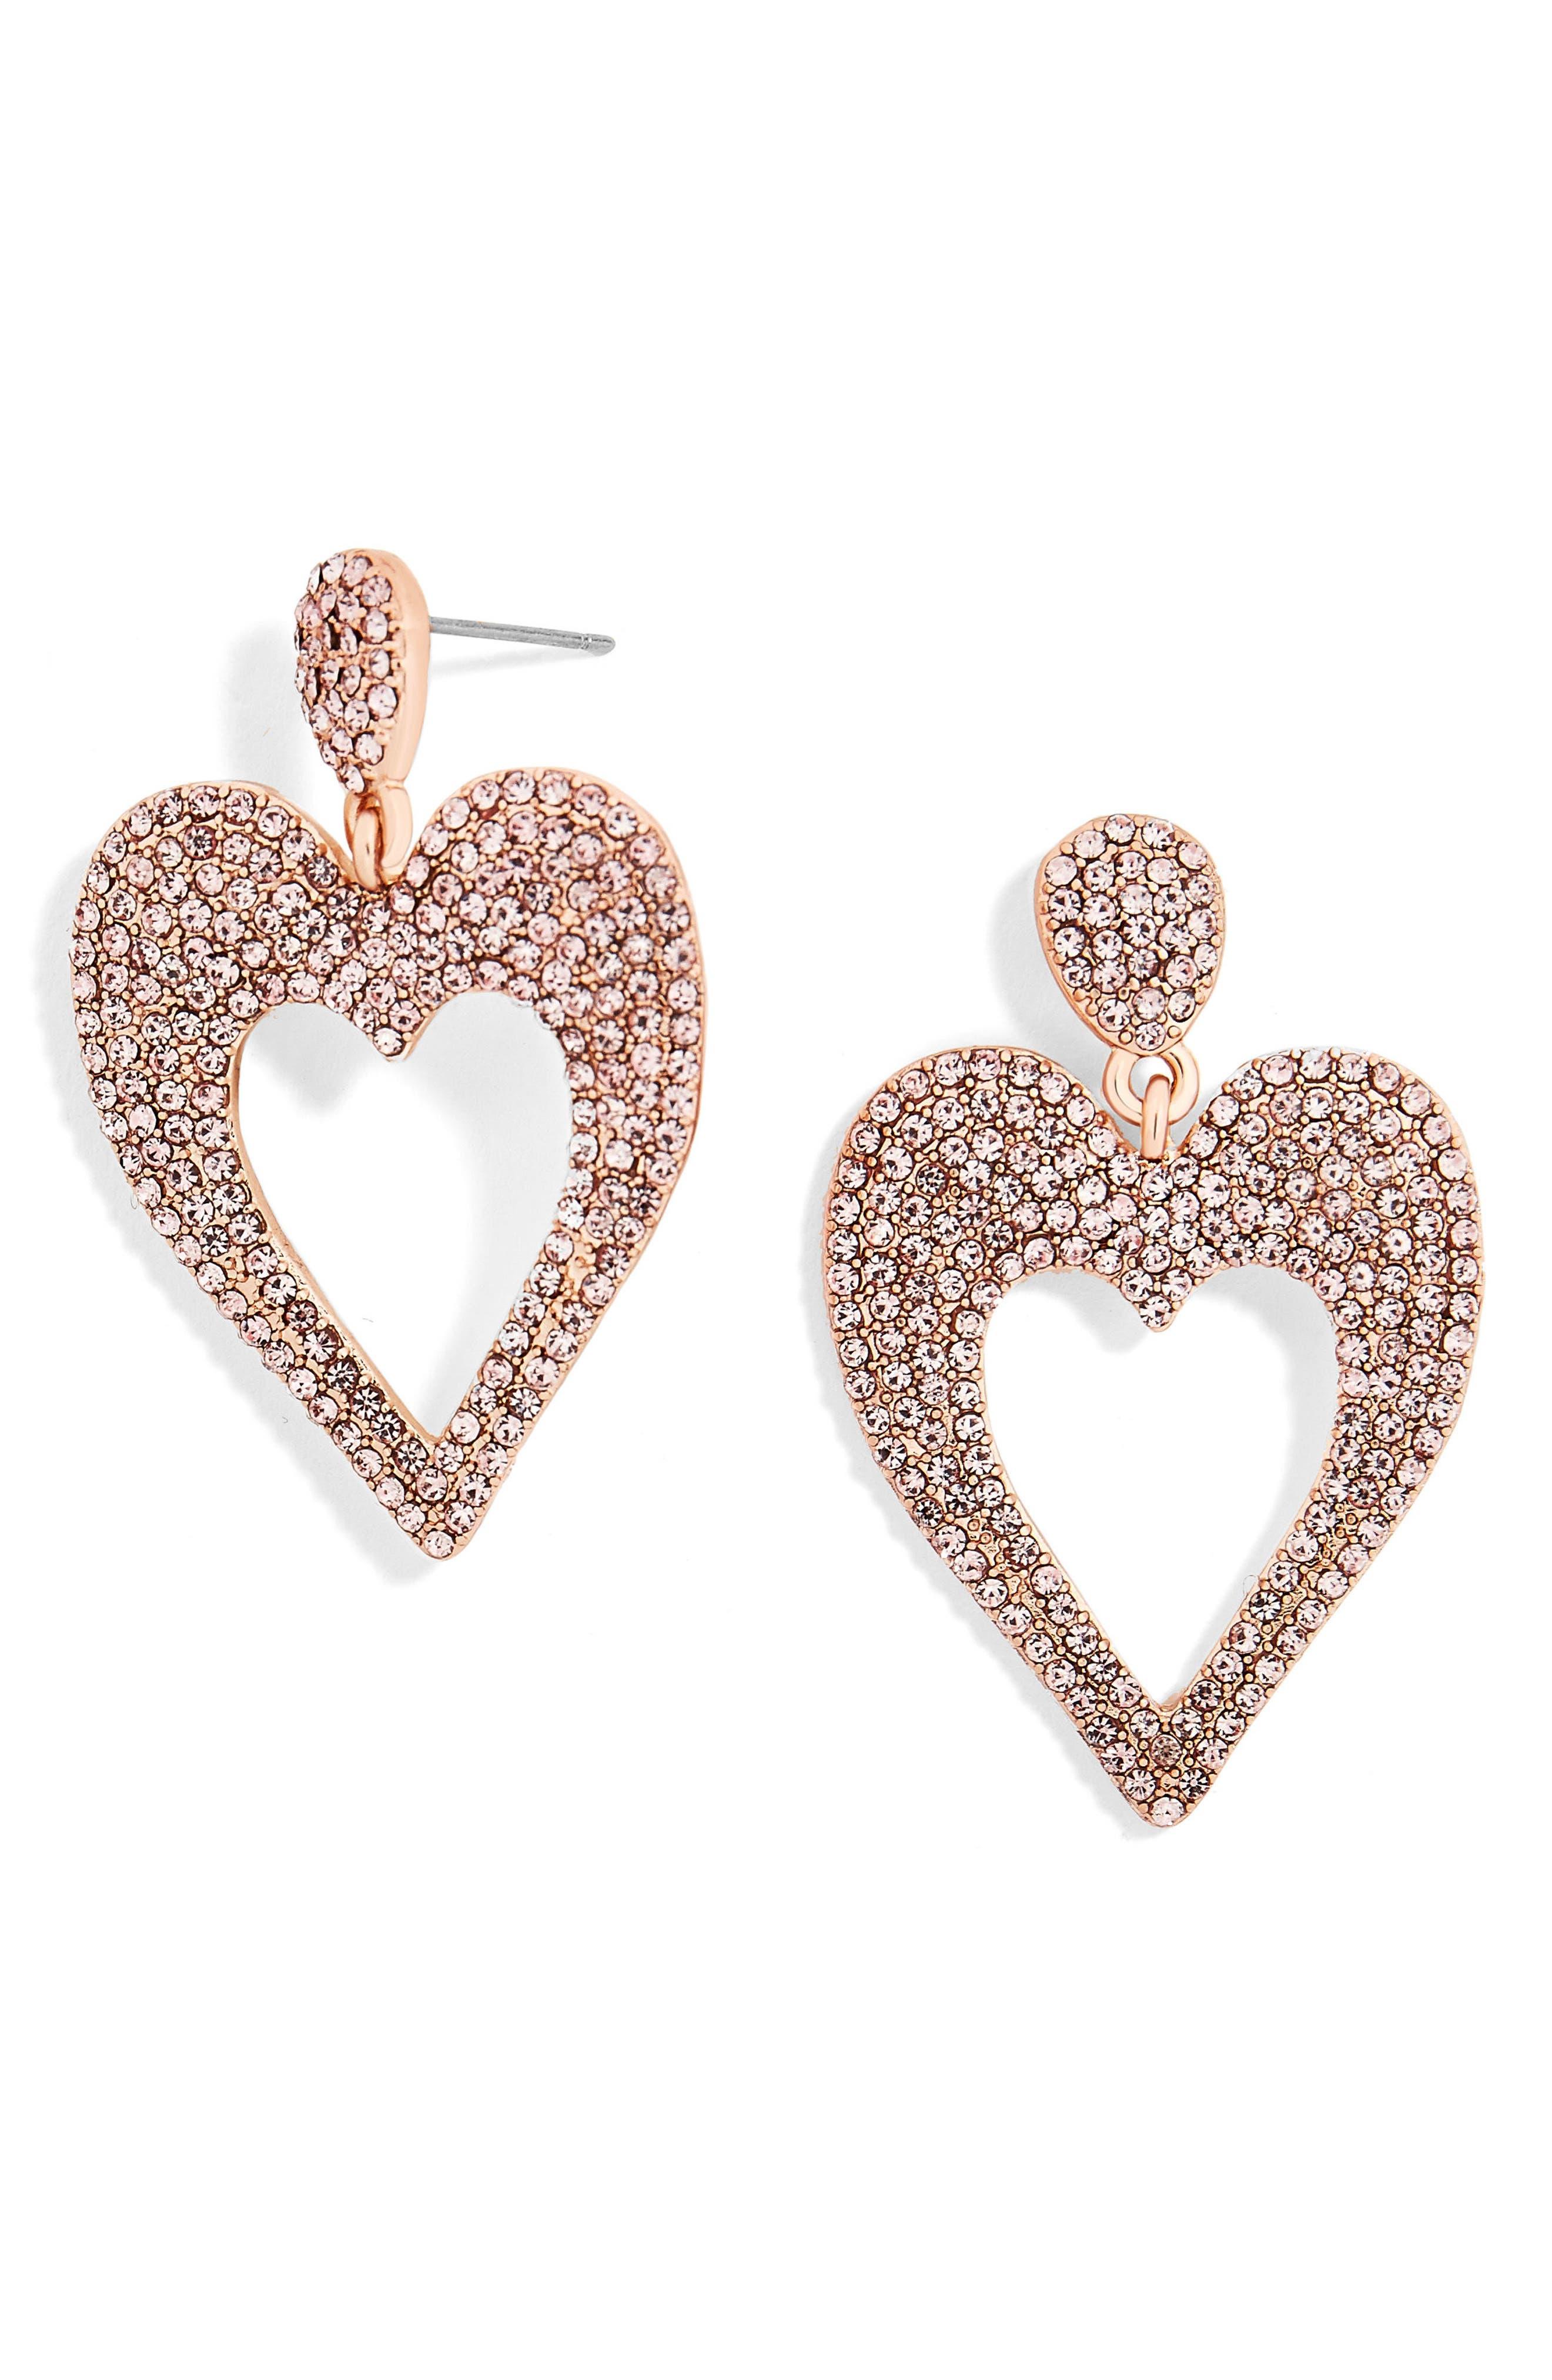 Amara Pavé Heart Drop Earrings,                             Main thumbnail 1, color,                             710